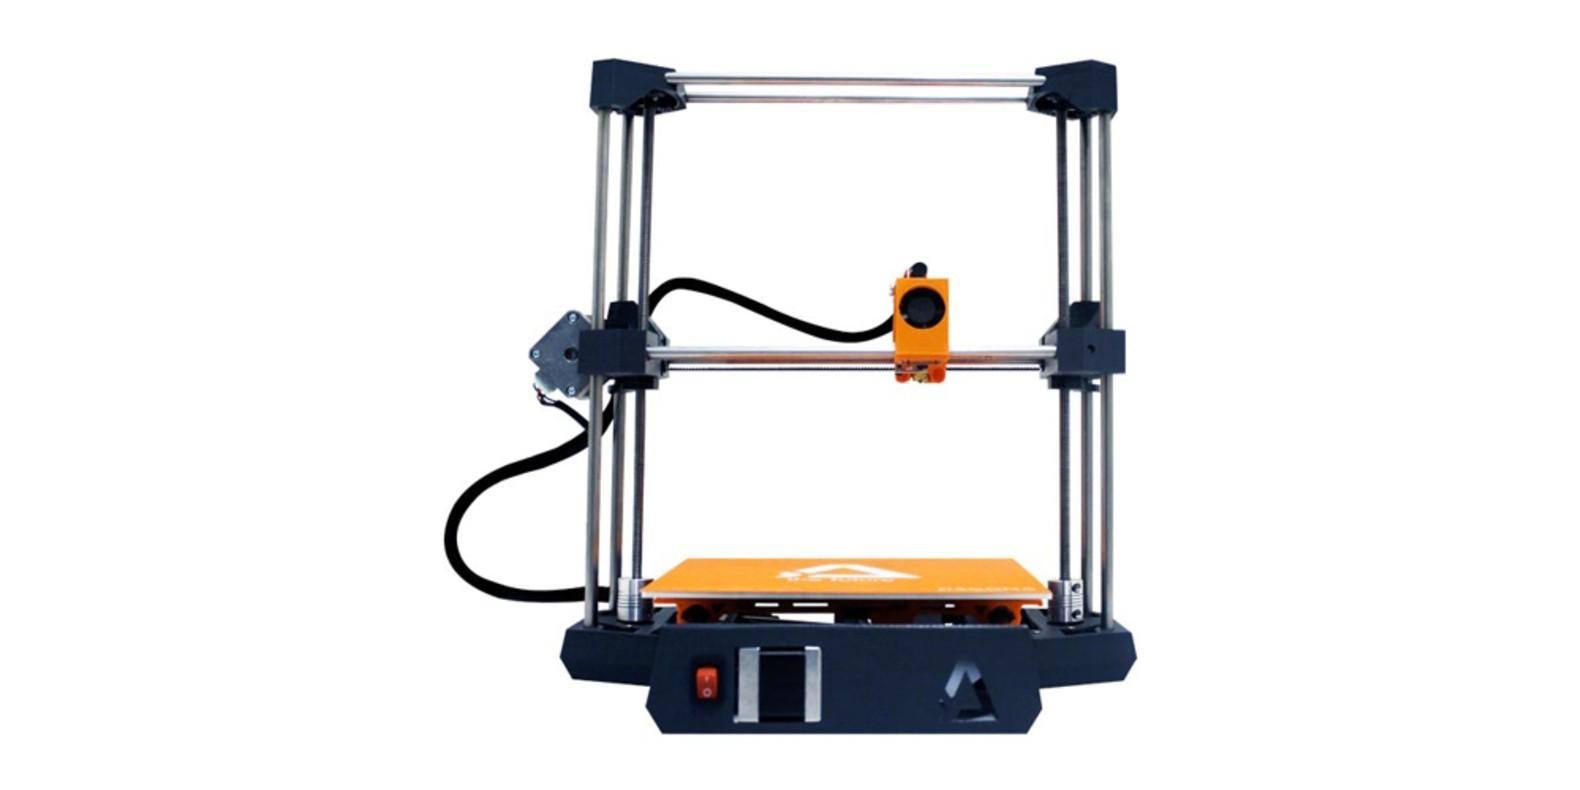 Dagoma Discoeasy200 Imprimante 3D